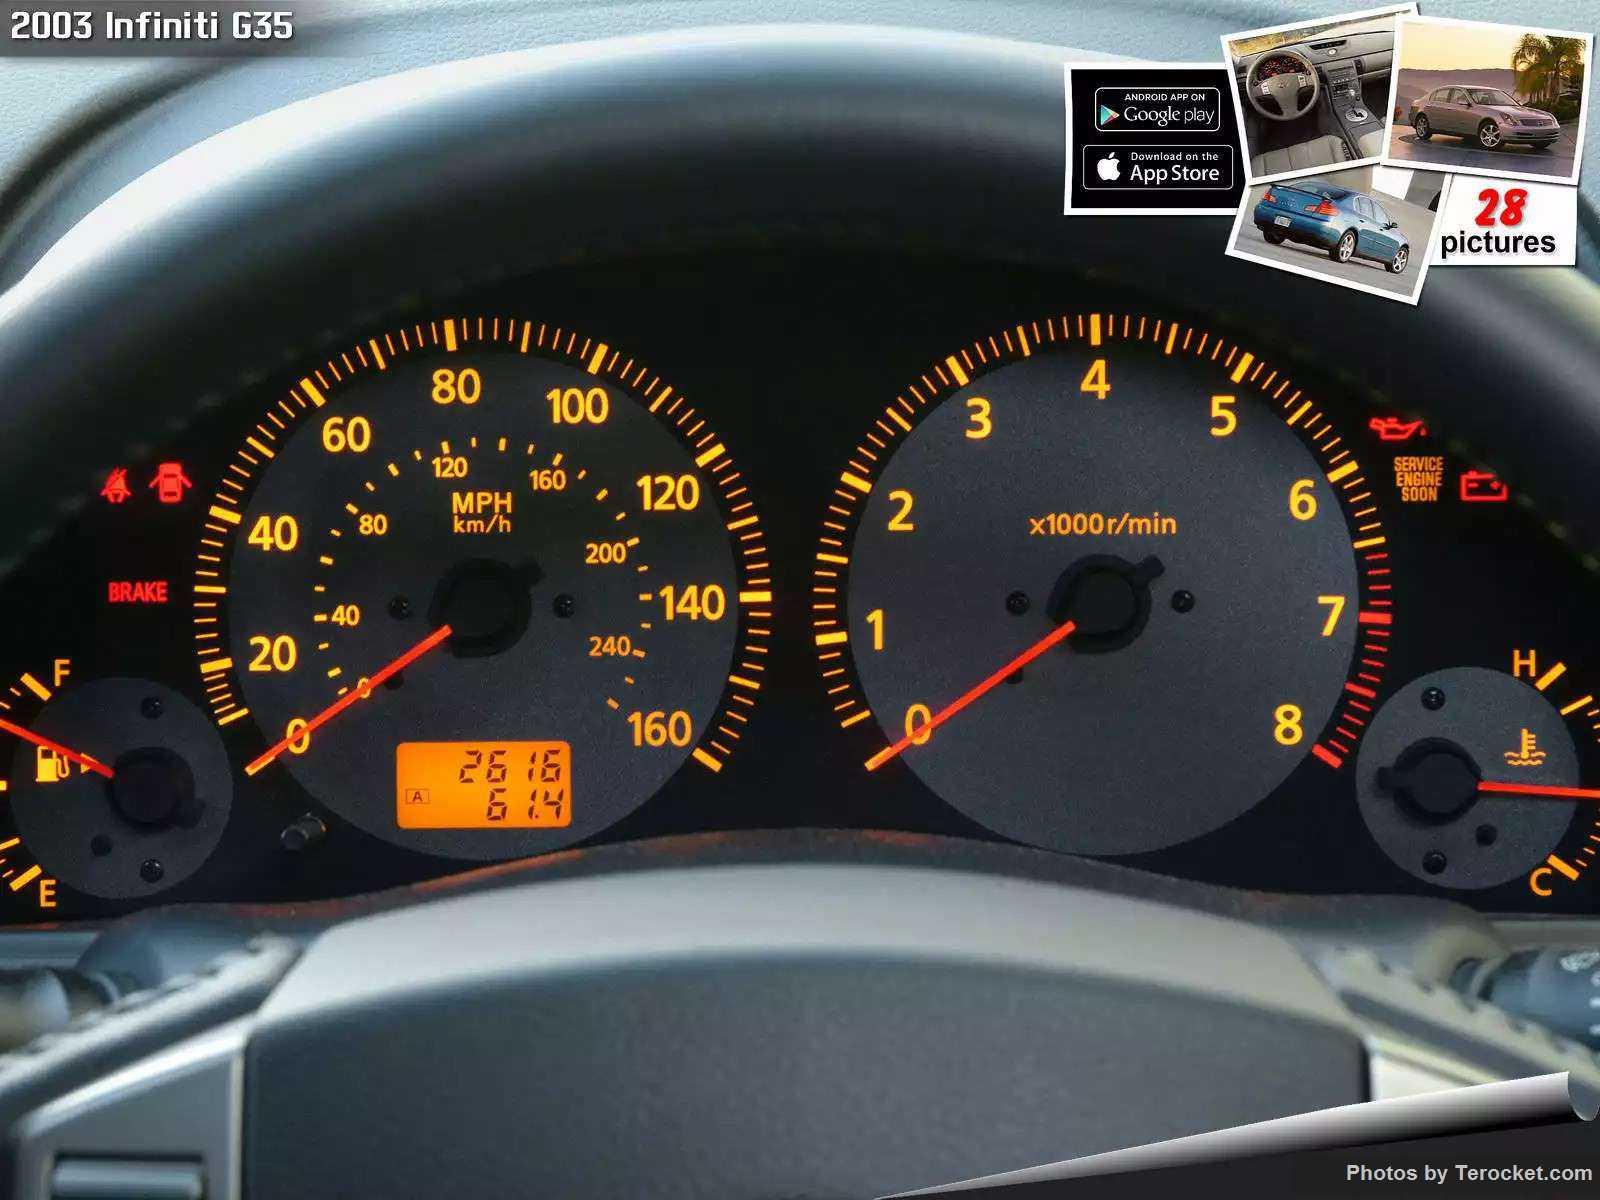 Hình ảnh xe ô tô Infiniti G35 2003 & nội ngoại thất